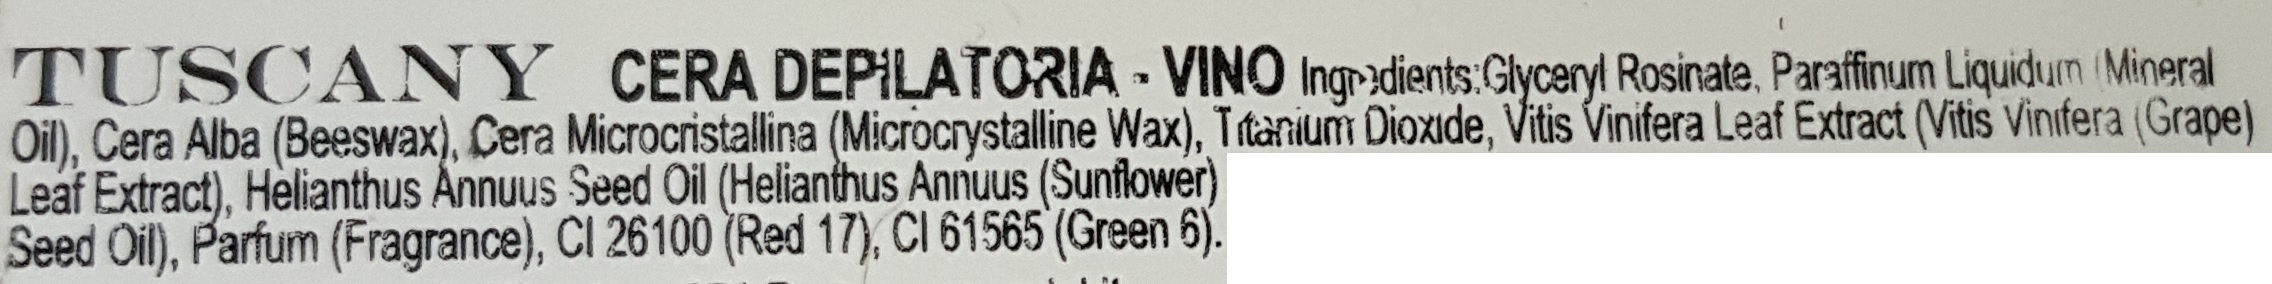 tuscany cera depilatoria INCI vino